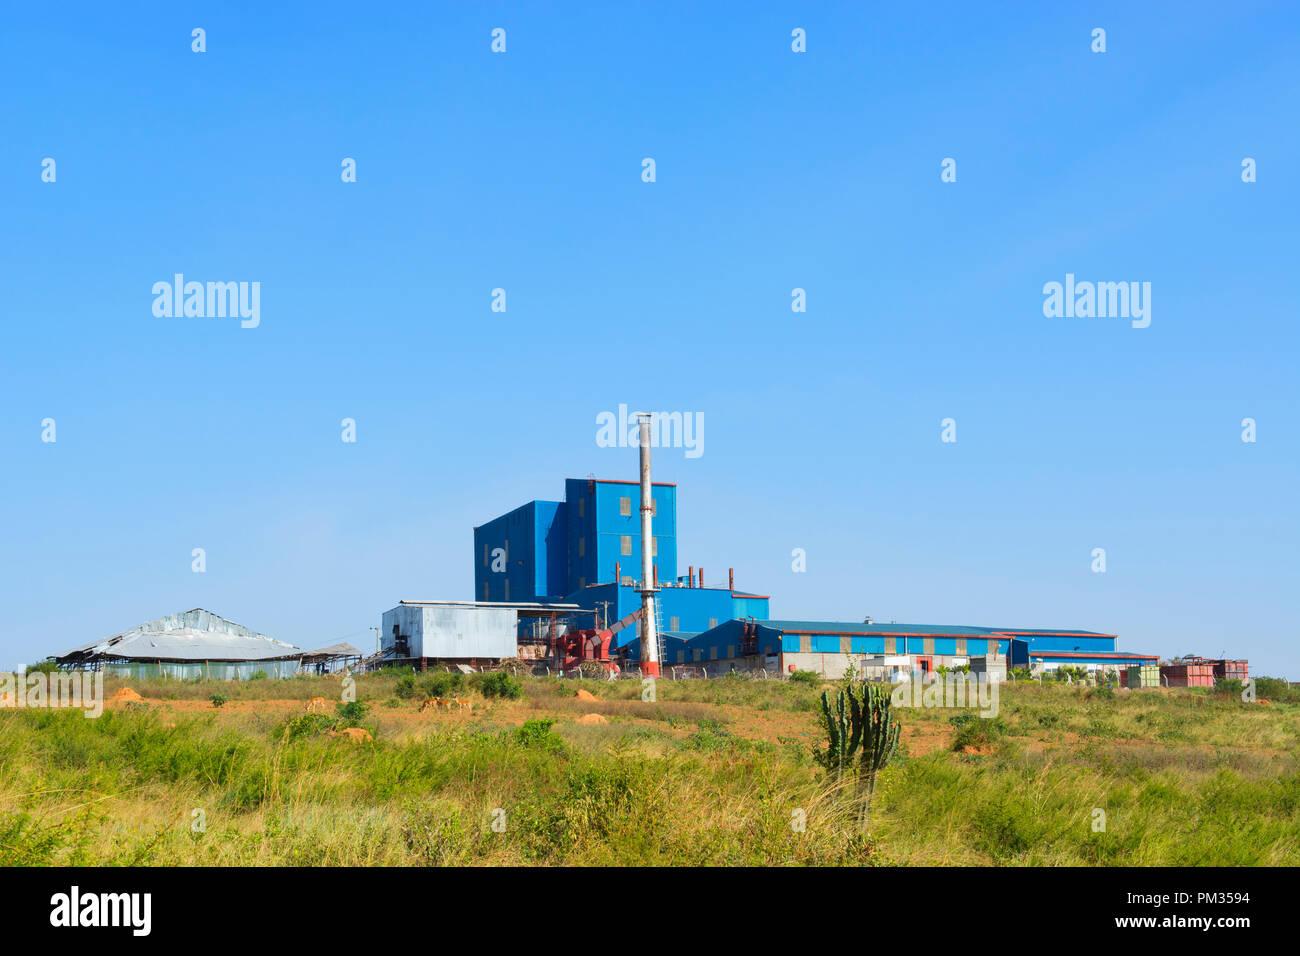 Trasformazione dei prodotti lattiero-caseari sito di impianto, Centro Ankole Regione, Uganda, Africa orientale Immagini Stock